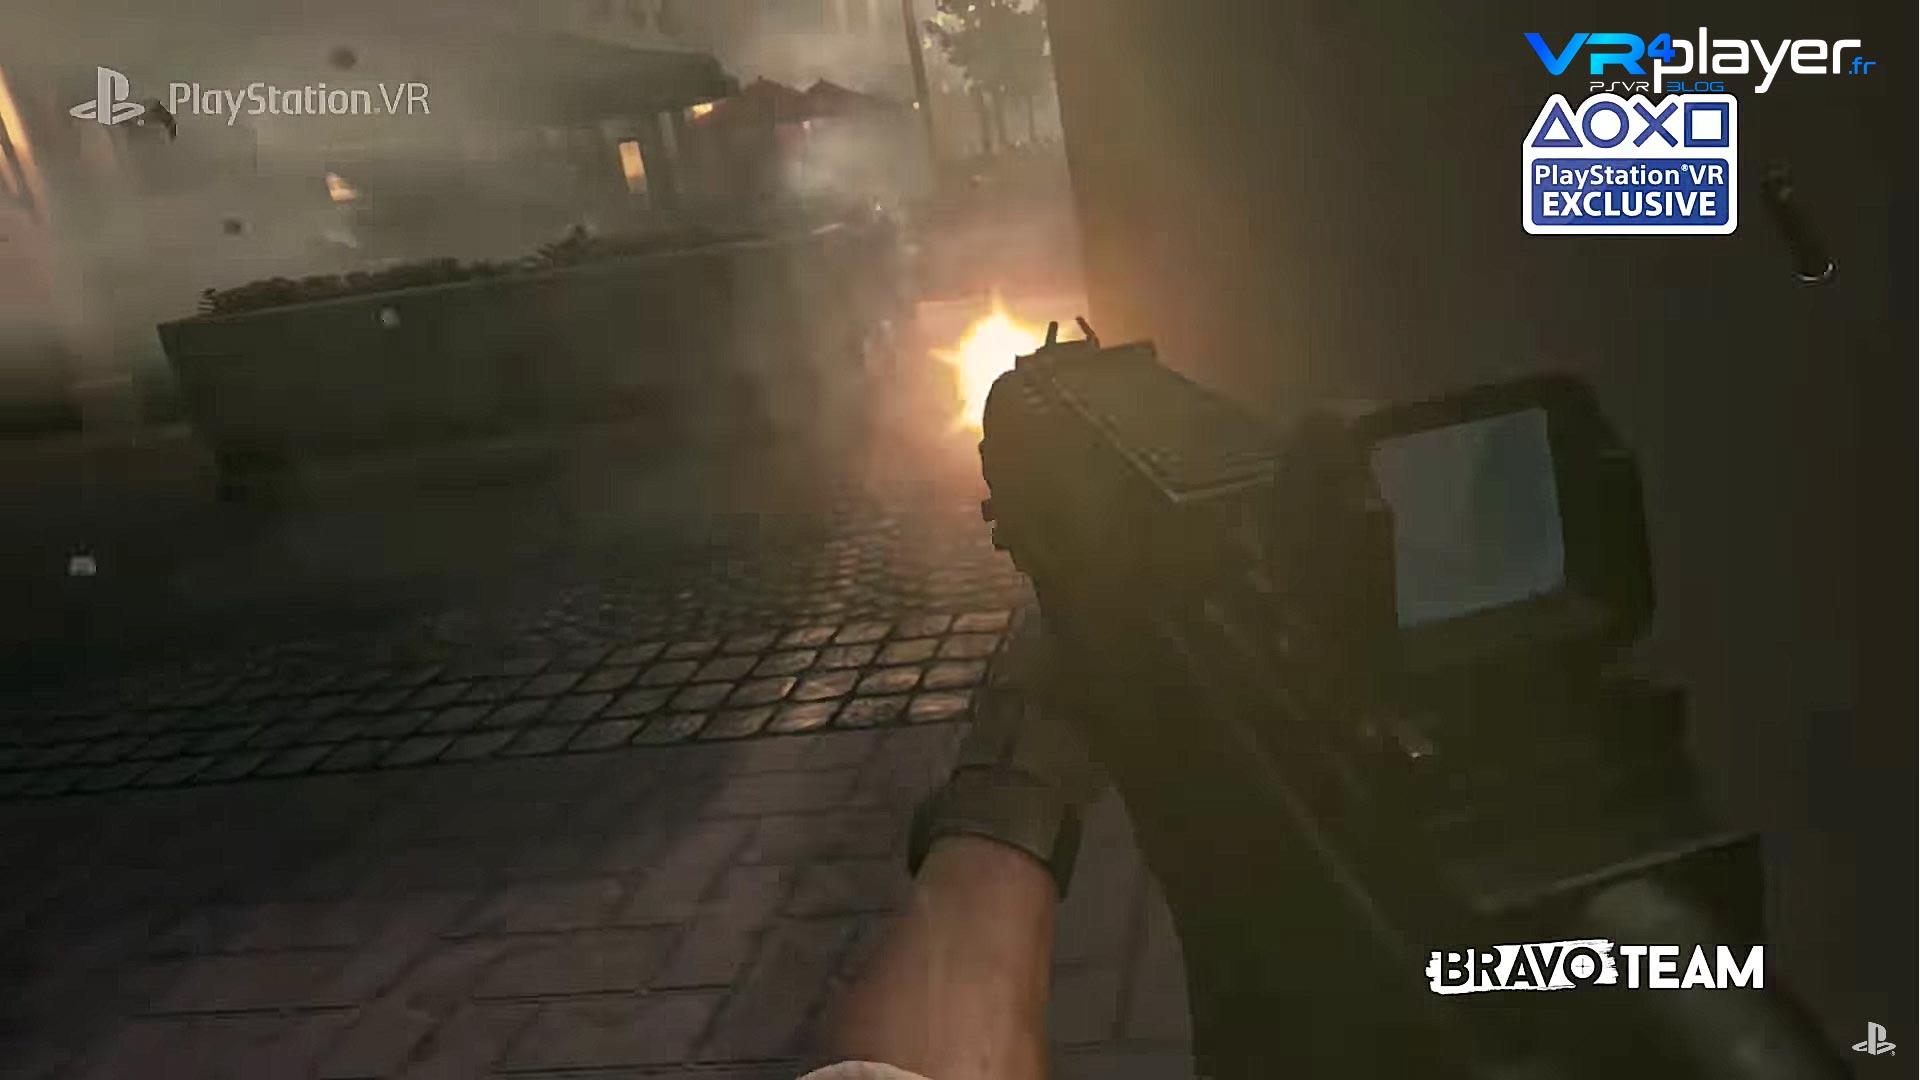 Bravo Team PSVR - VR4Player